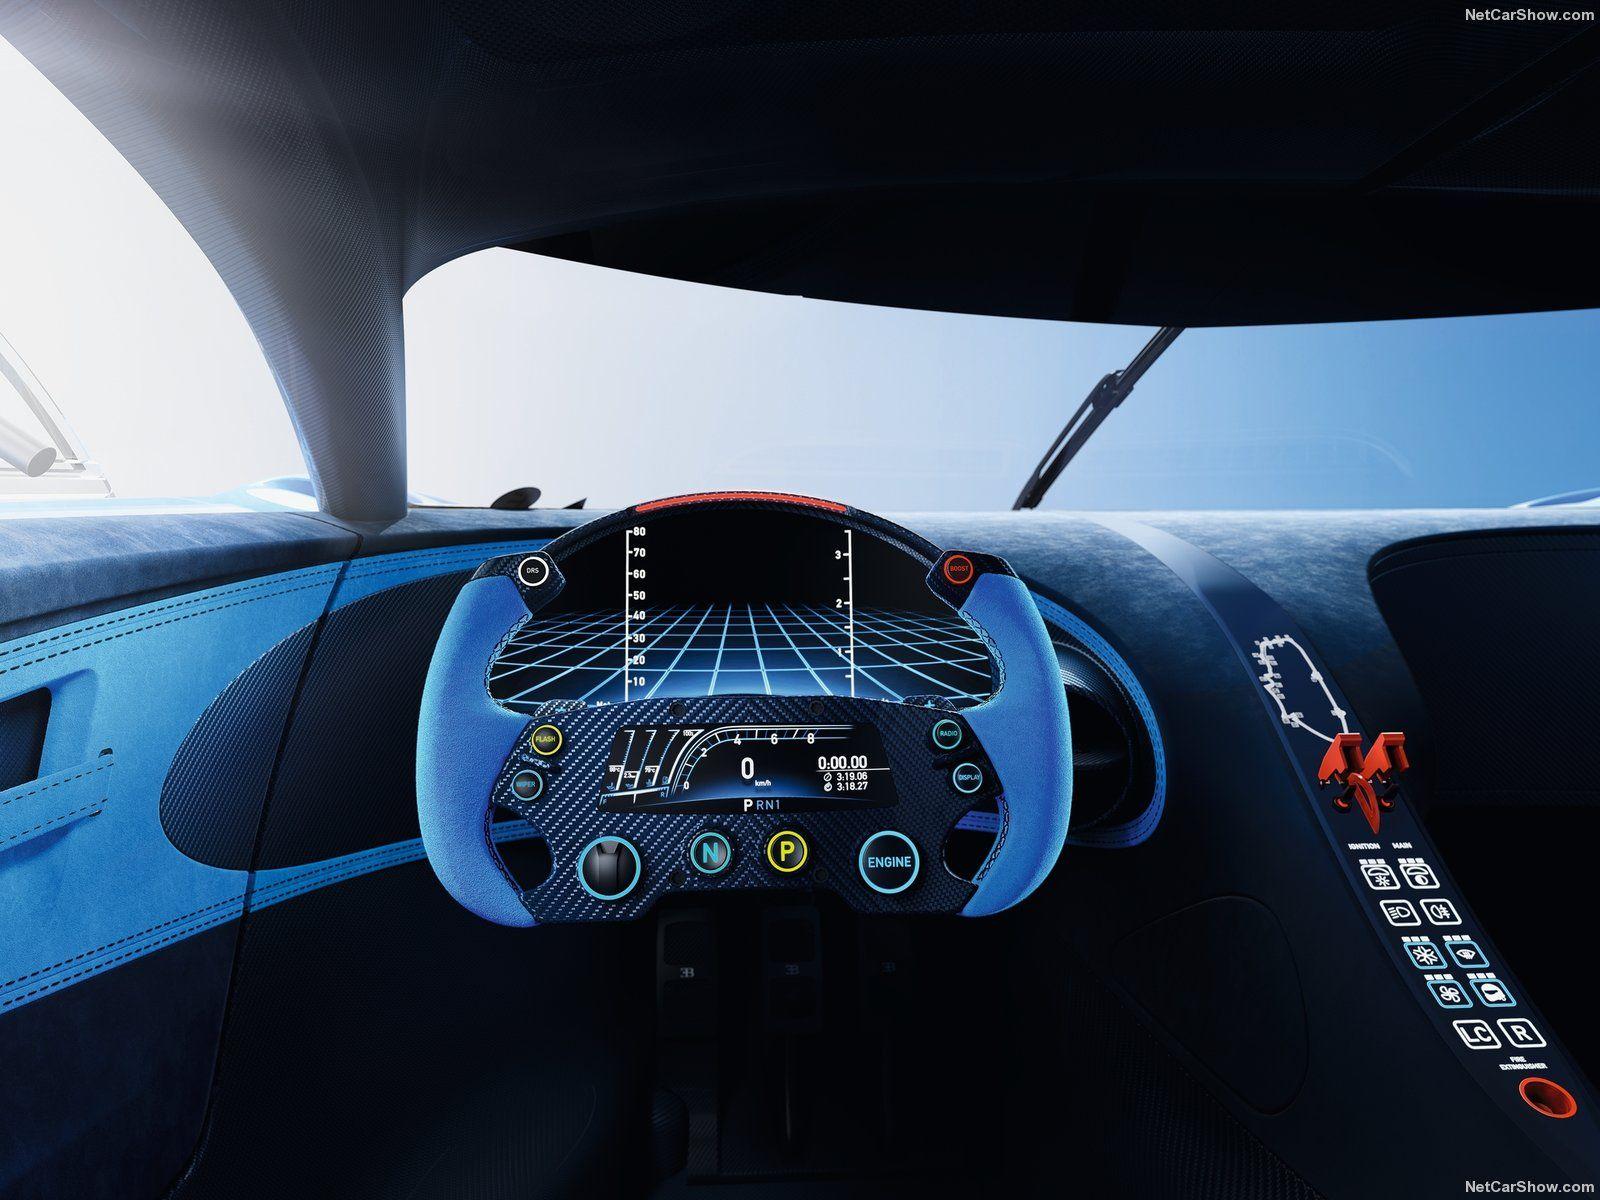 bugatti vision gran turismo concept 2015 (1600x1200